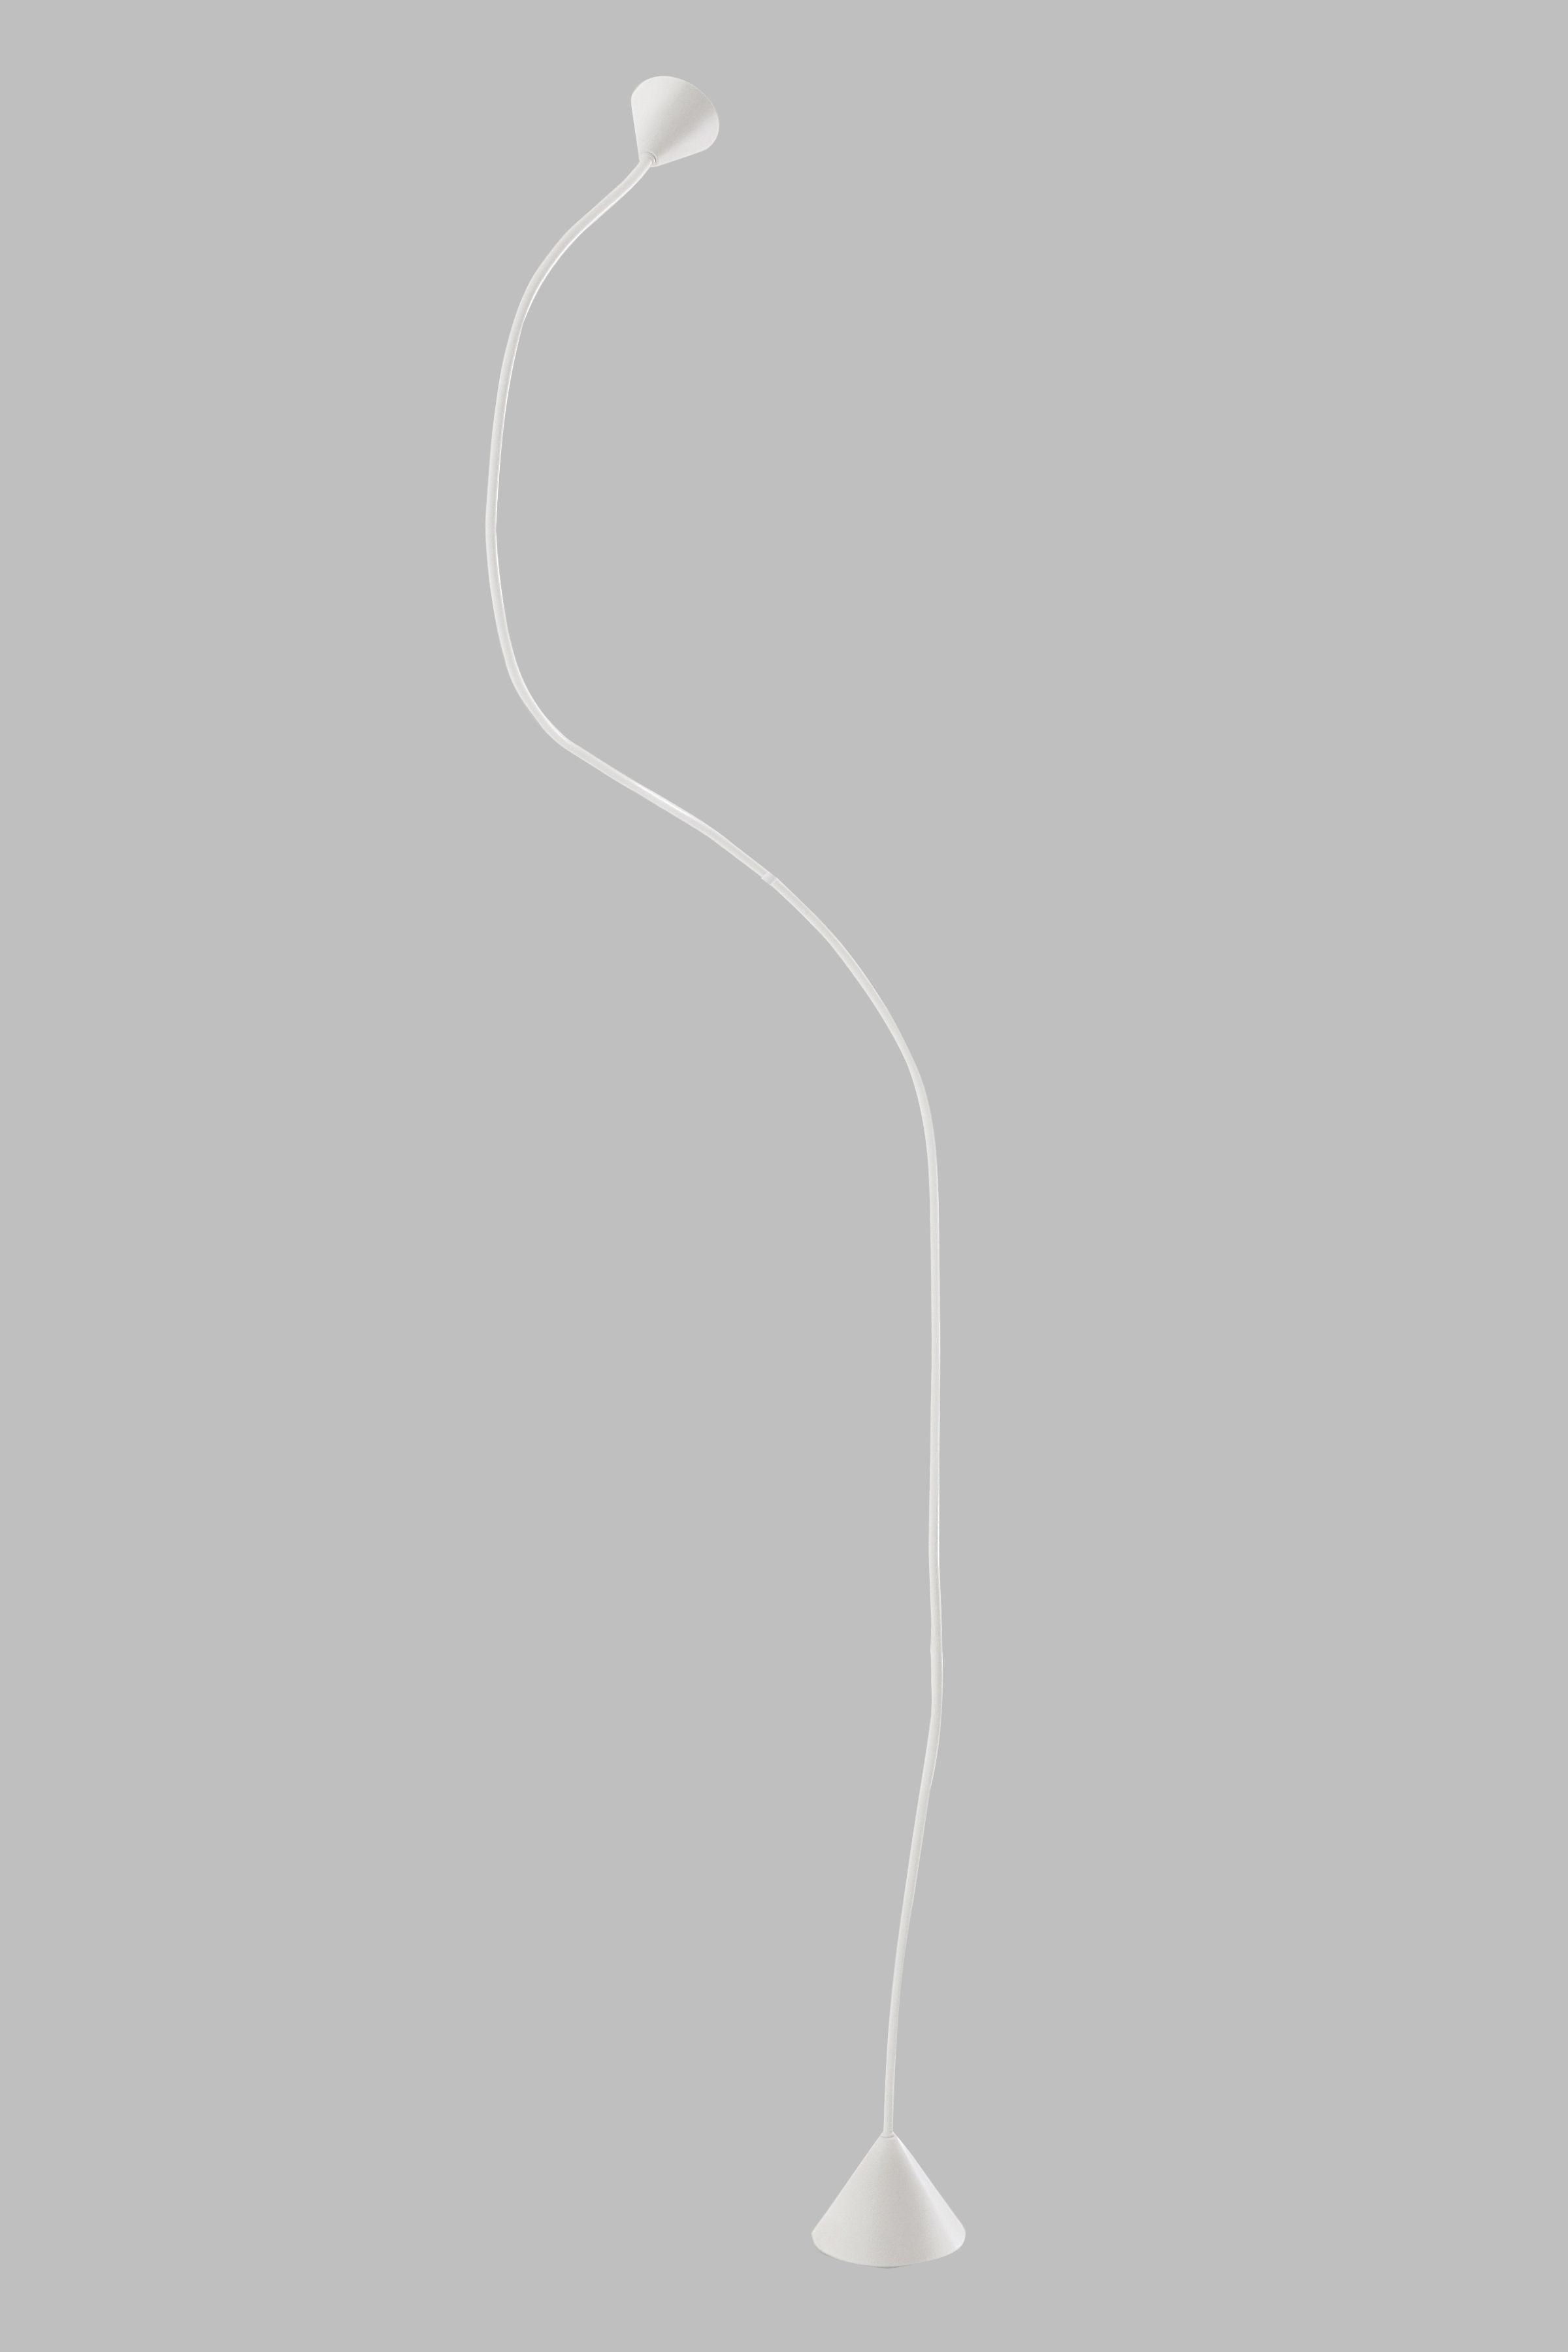 Luminaire - Lampadaires - Lampadaire Papiro flexible H 270 cm - Pallucco - H 270 cm - Blanc - Cuivre